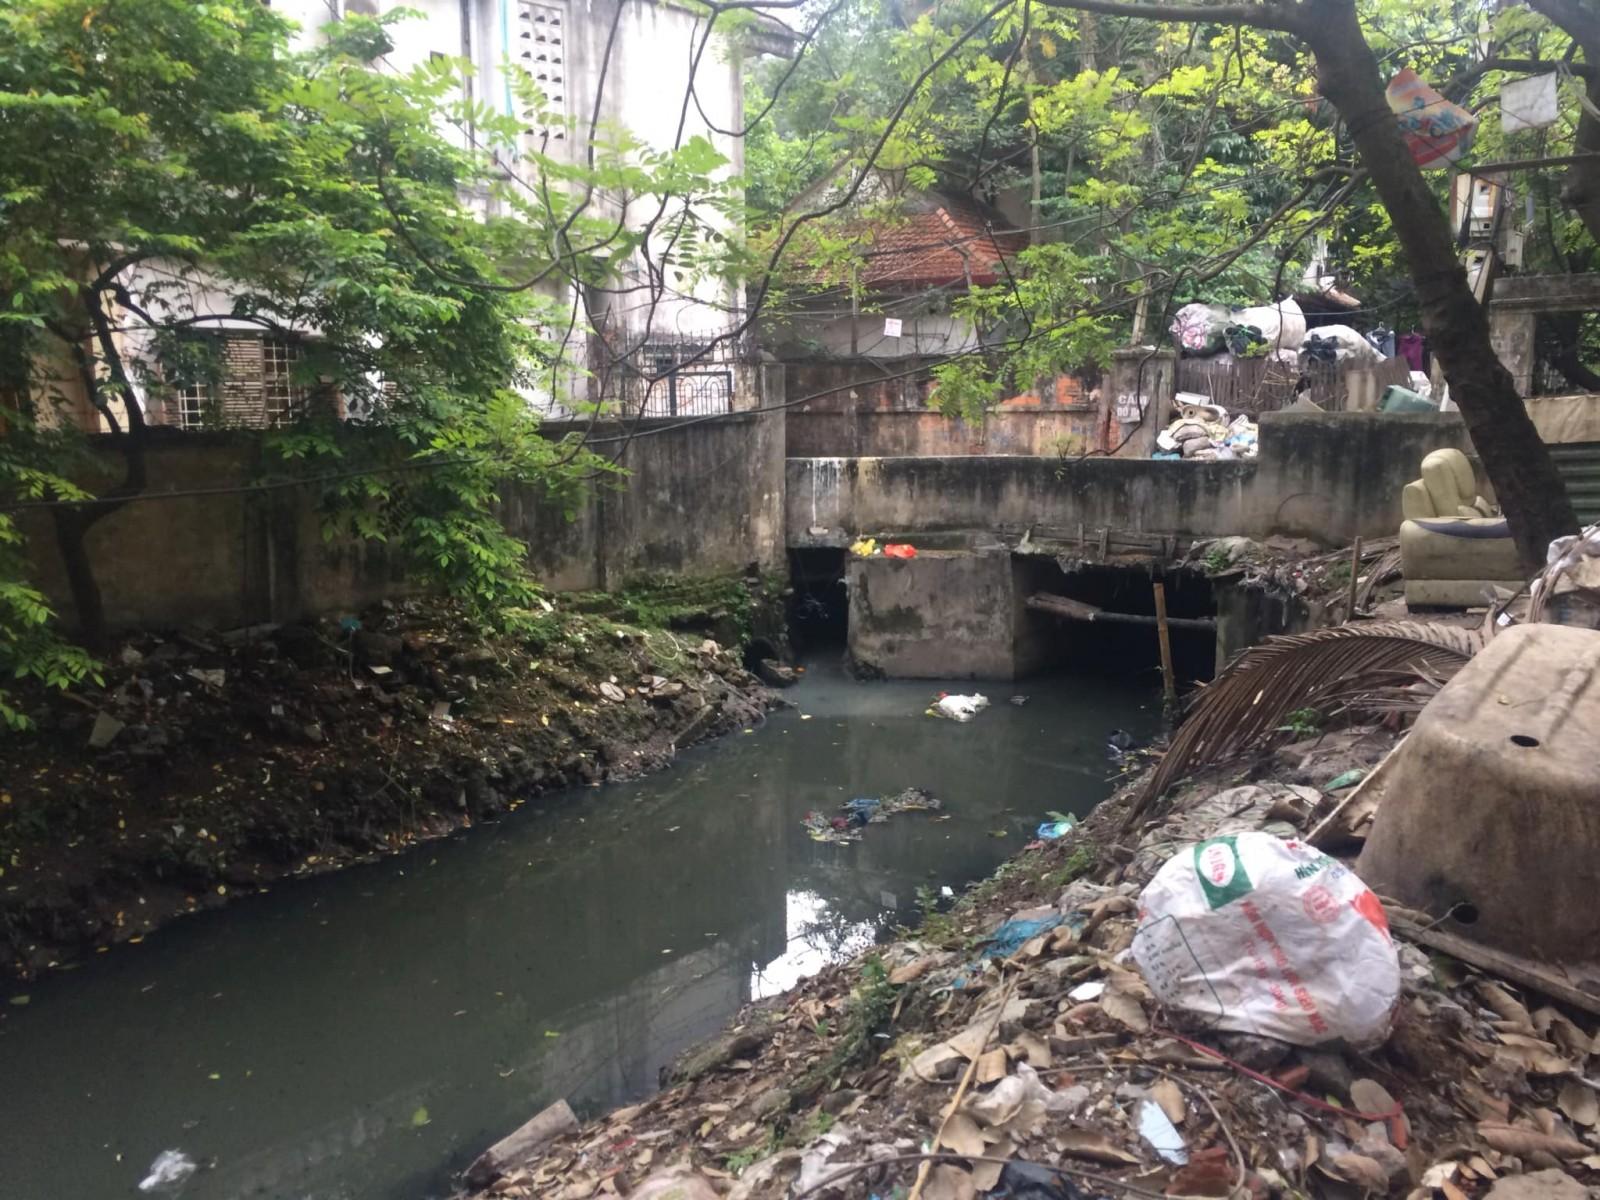 Dự án Mương Kẻ Khế được phê duyệt năm 2008, từ năm 2013 khởi động và chậm trễ nhiều lần nên chưa giải quyết được vấn đề xử lí nguồn nước từ lâu